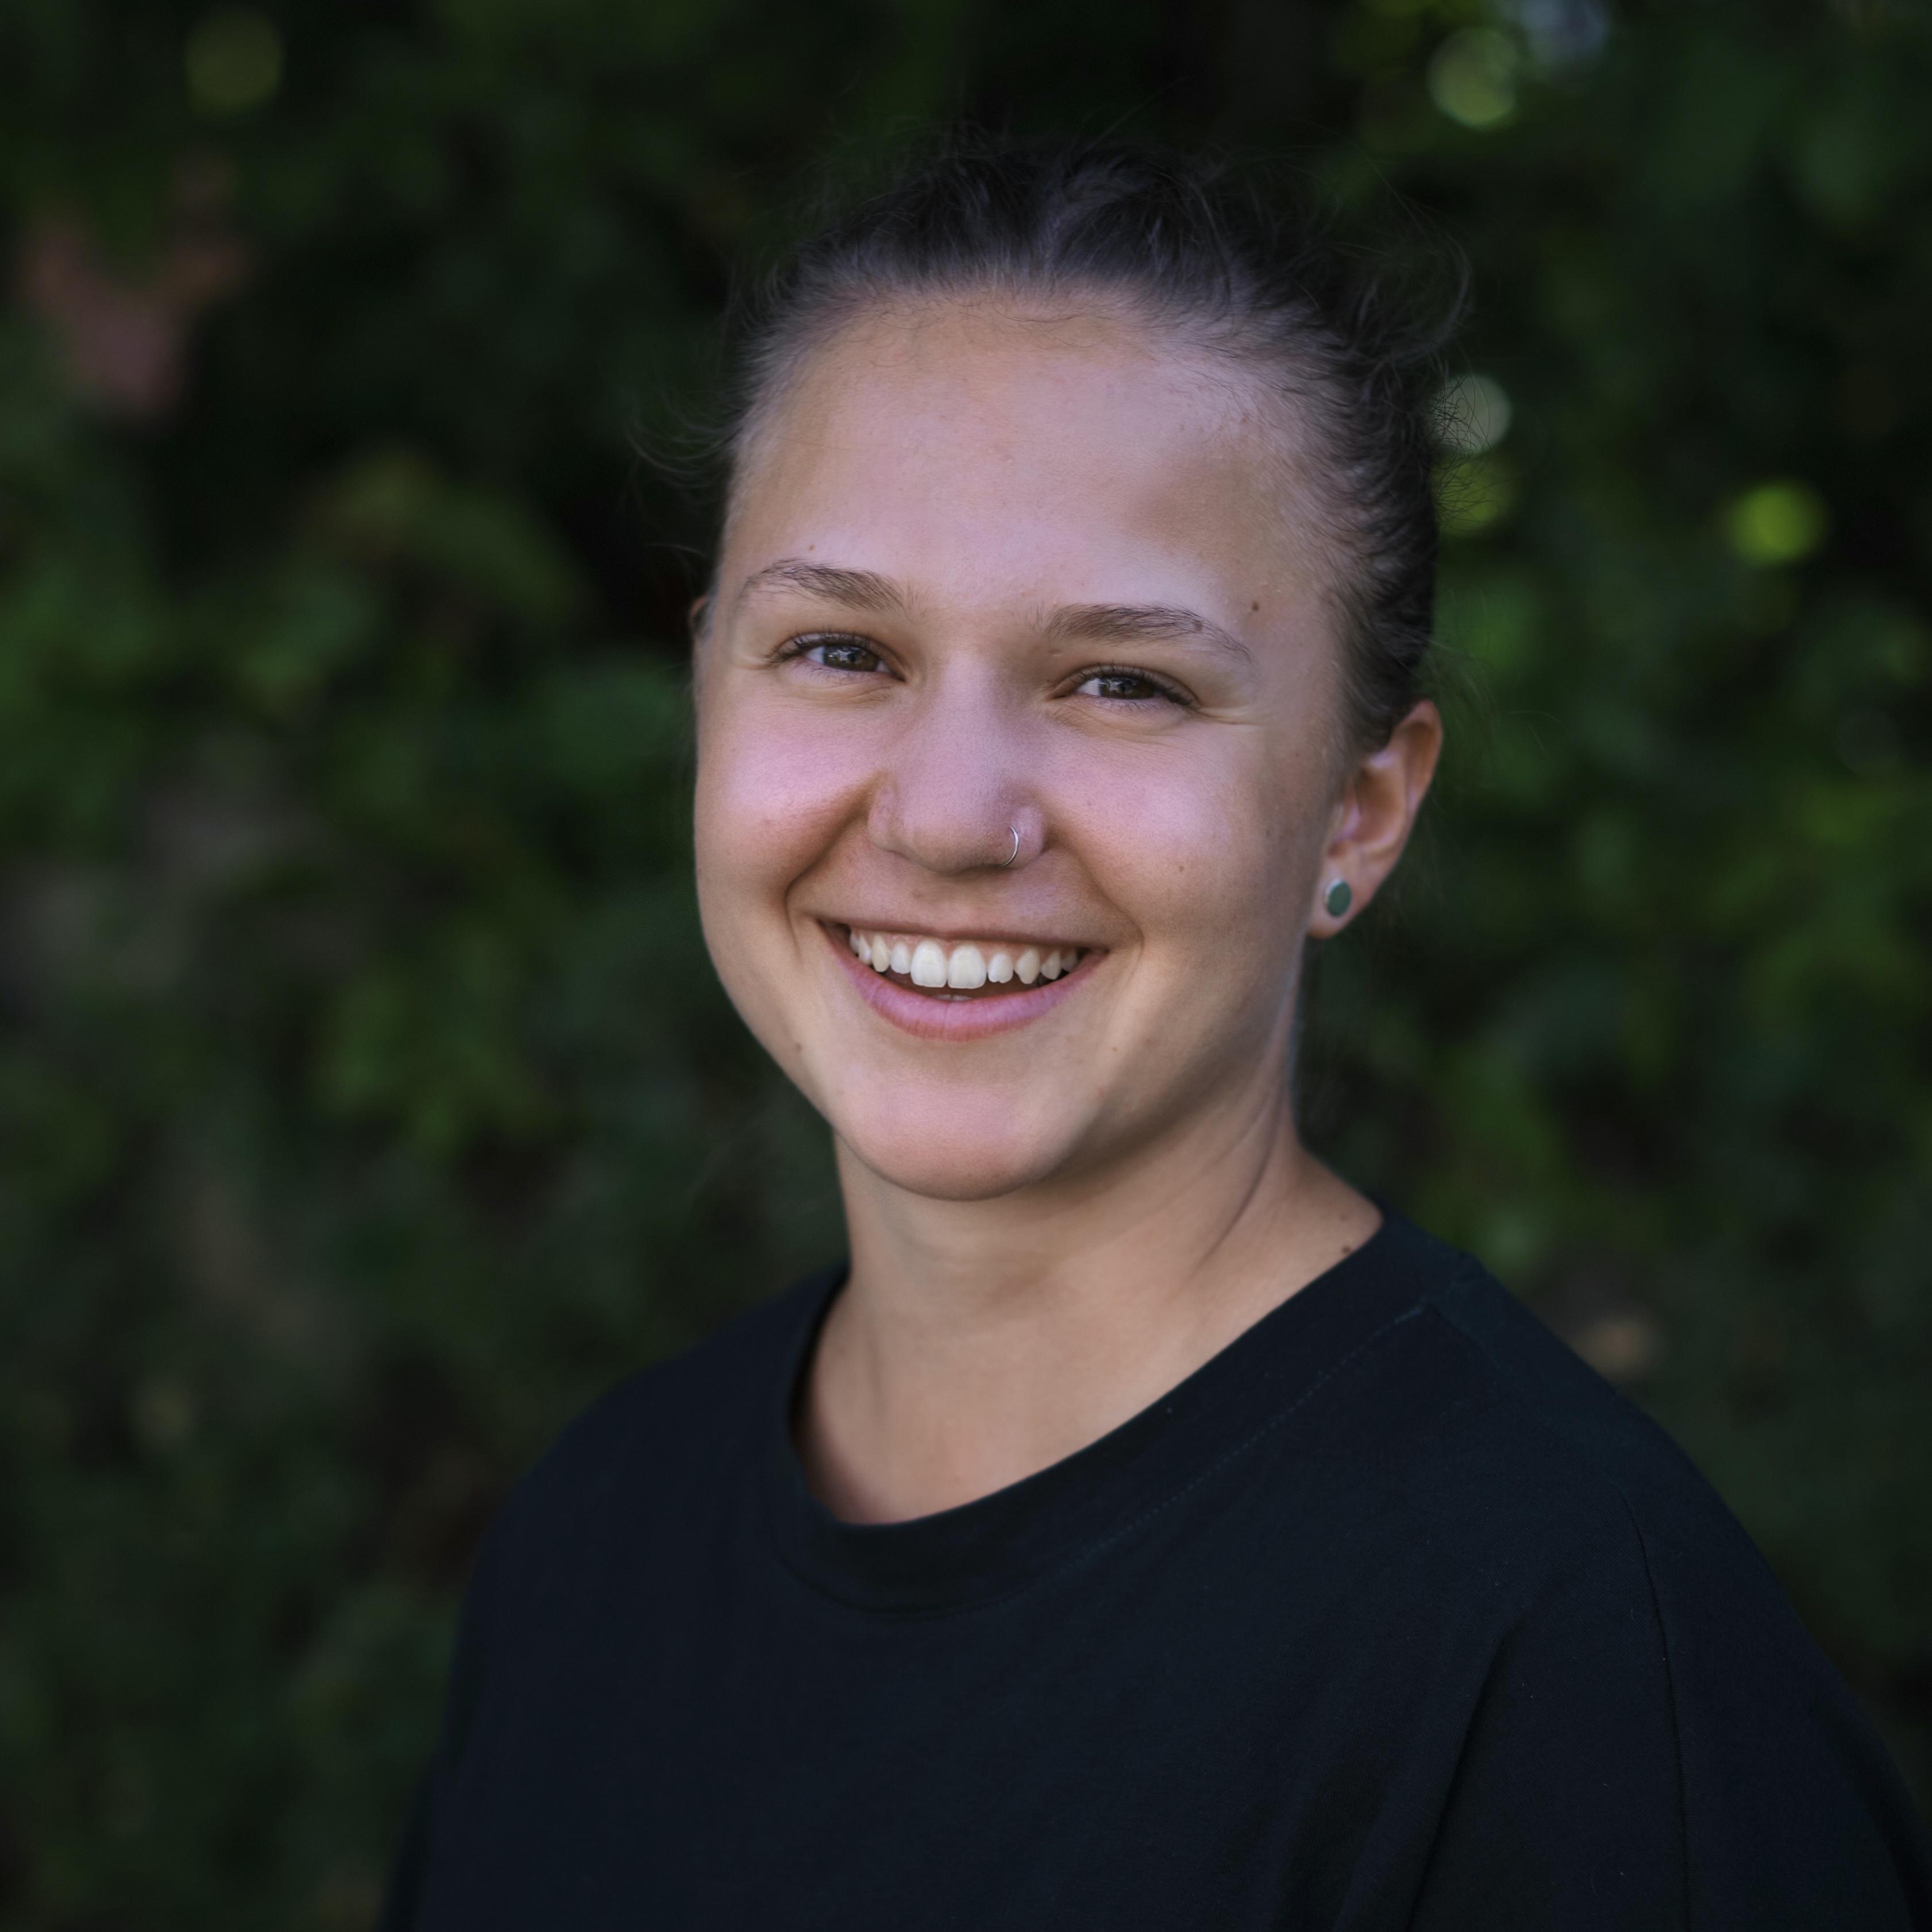 Stefanie eluzinger 1